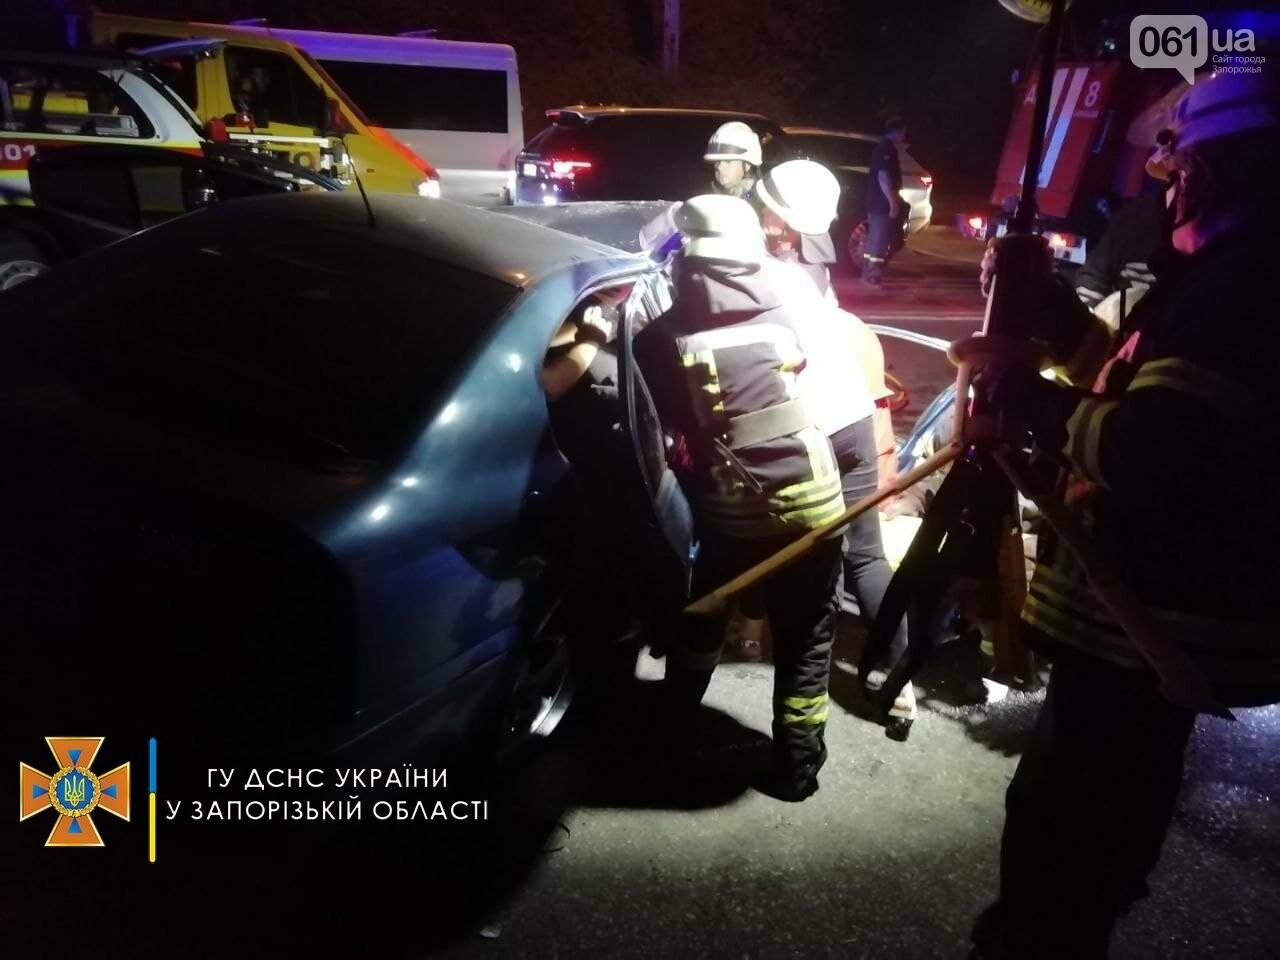 photo2021 09 0920 34 13 4result 613affb2827f3 - В ДТП на Космической пострадали 6 человек, одну из пассажирок зажало в авто